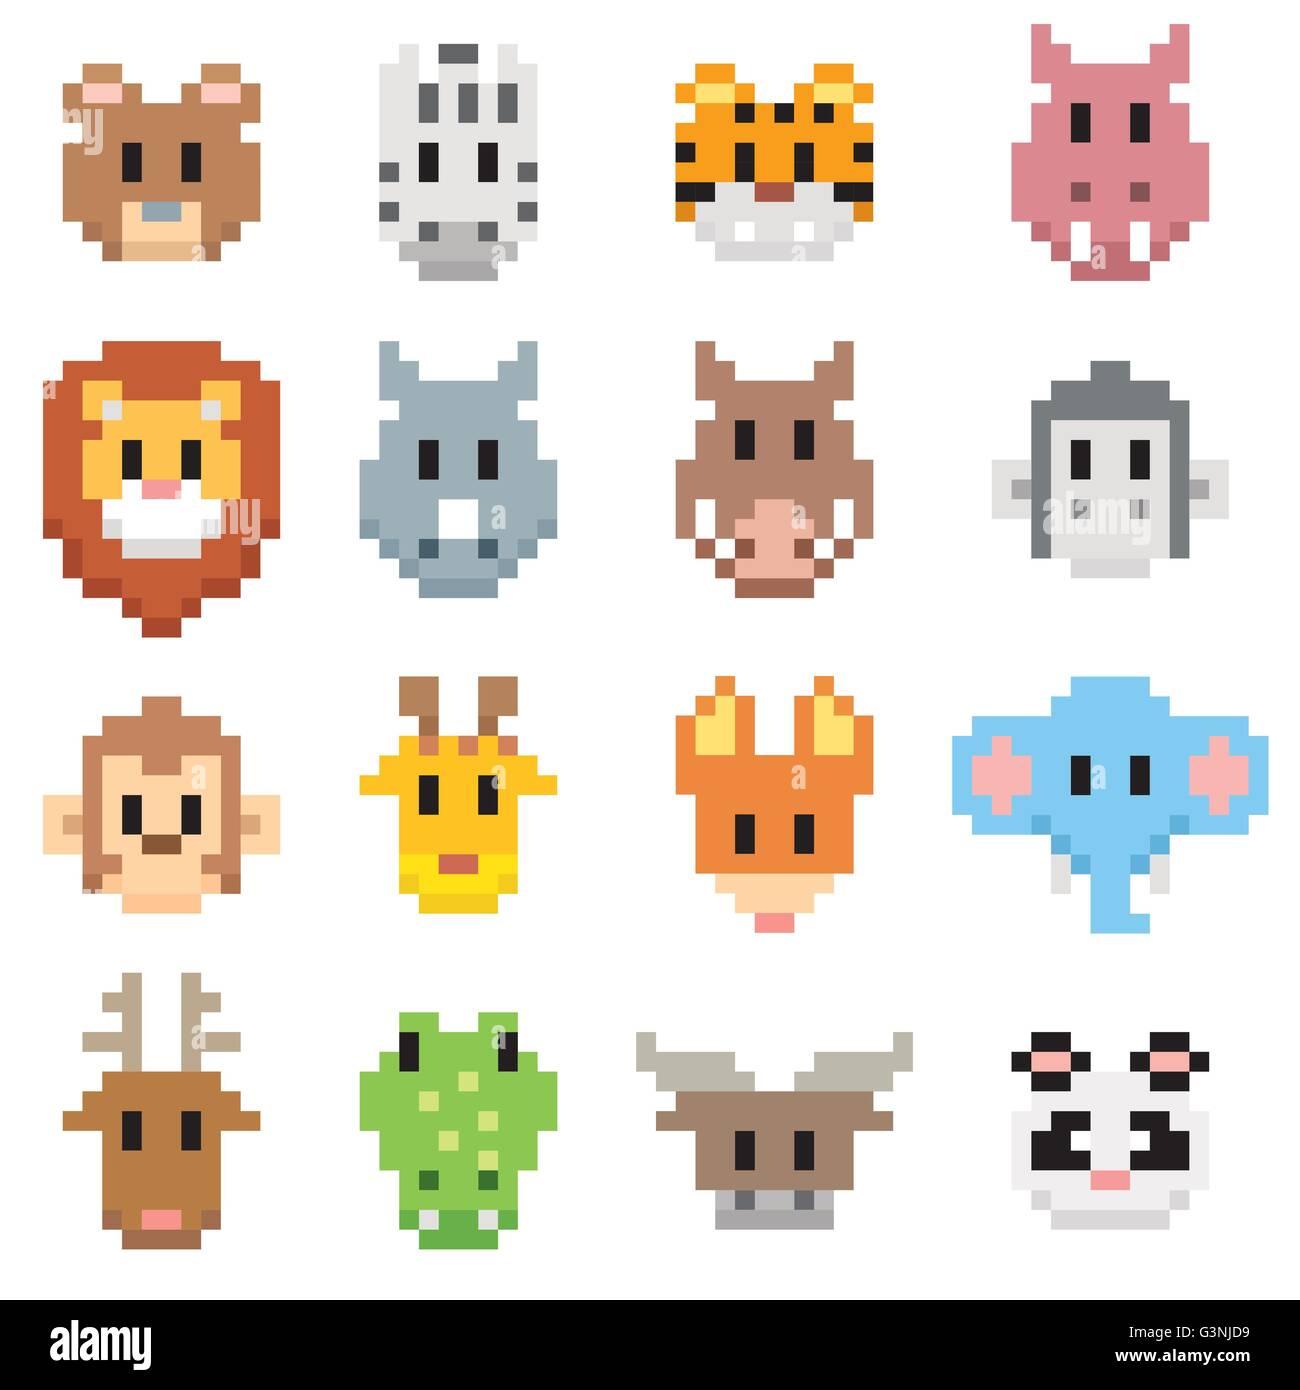 Vector Illustration Of Animal Cartoon Pixel Art Style